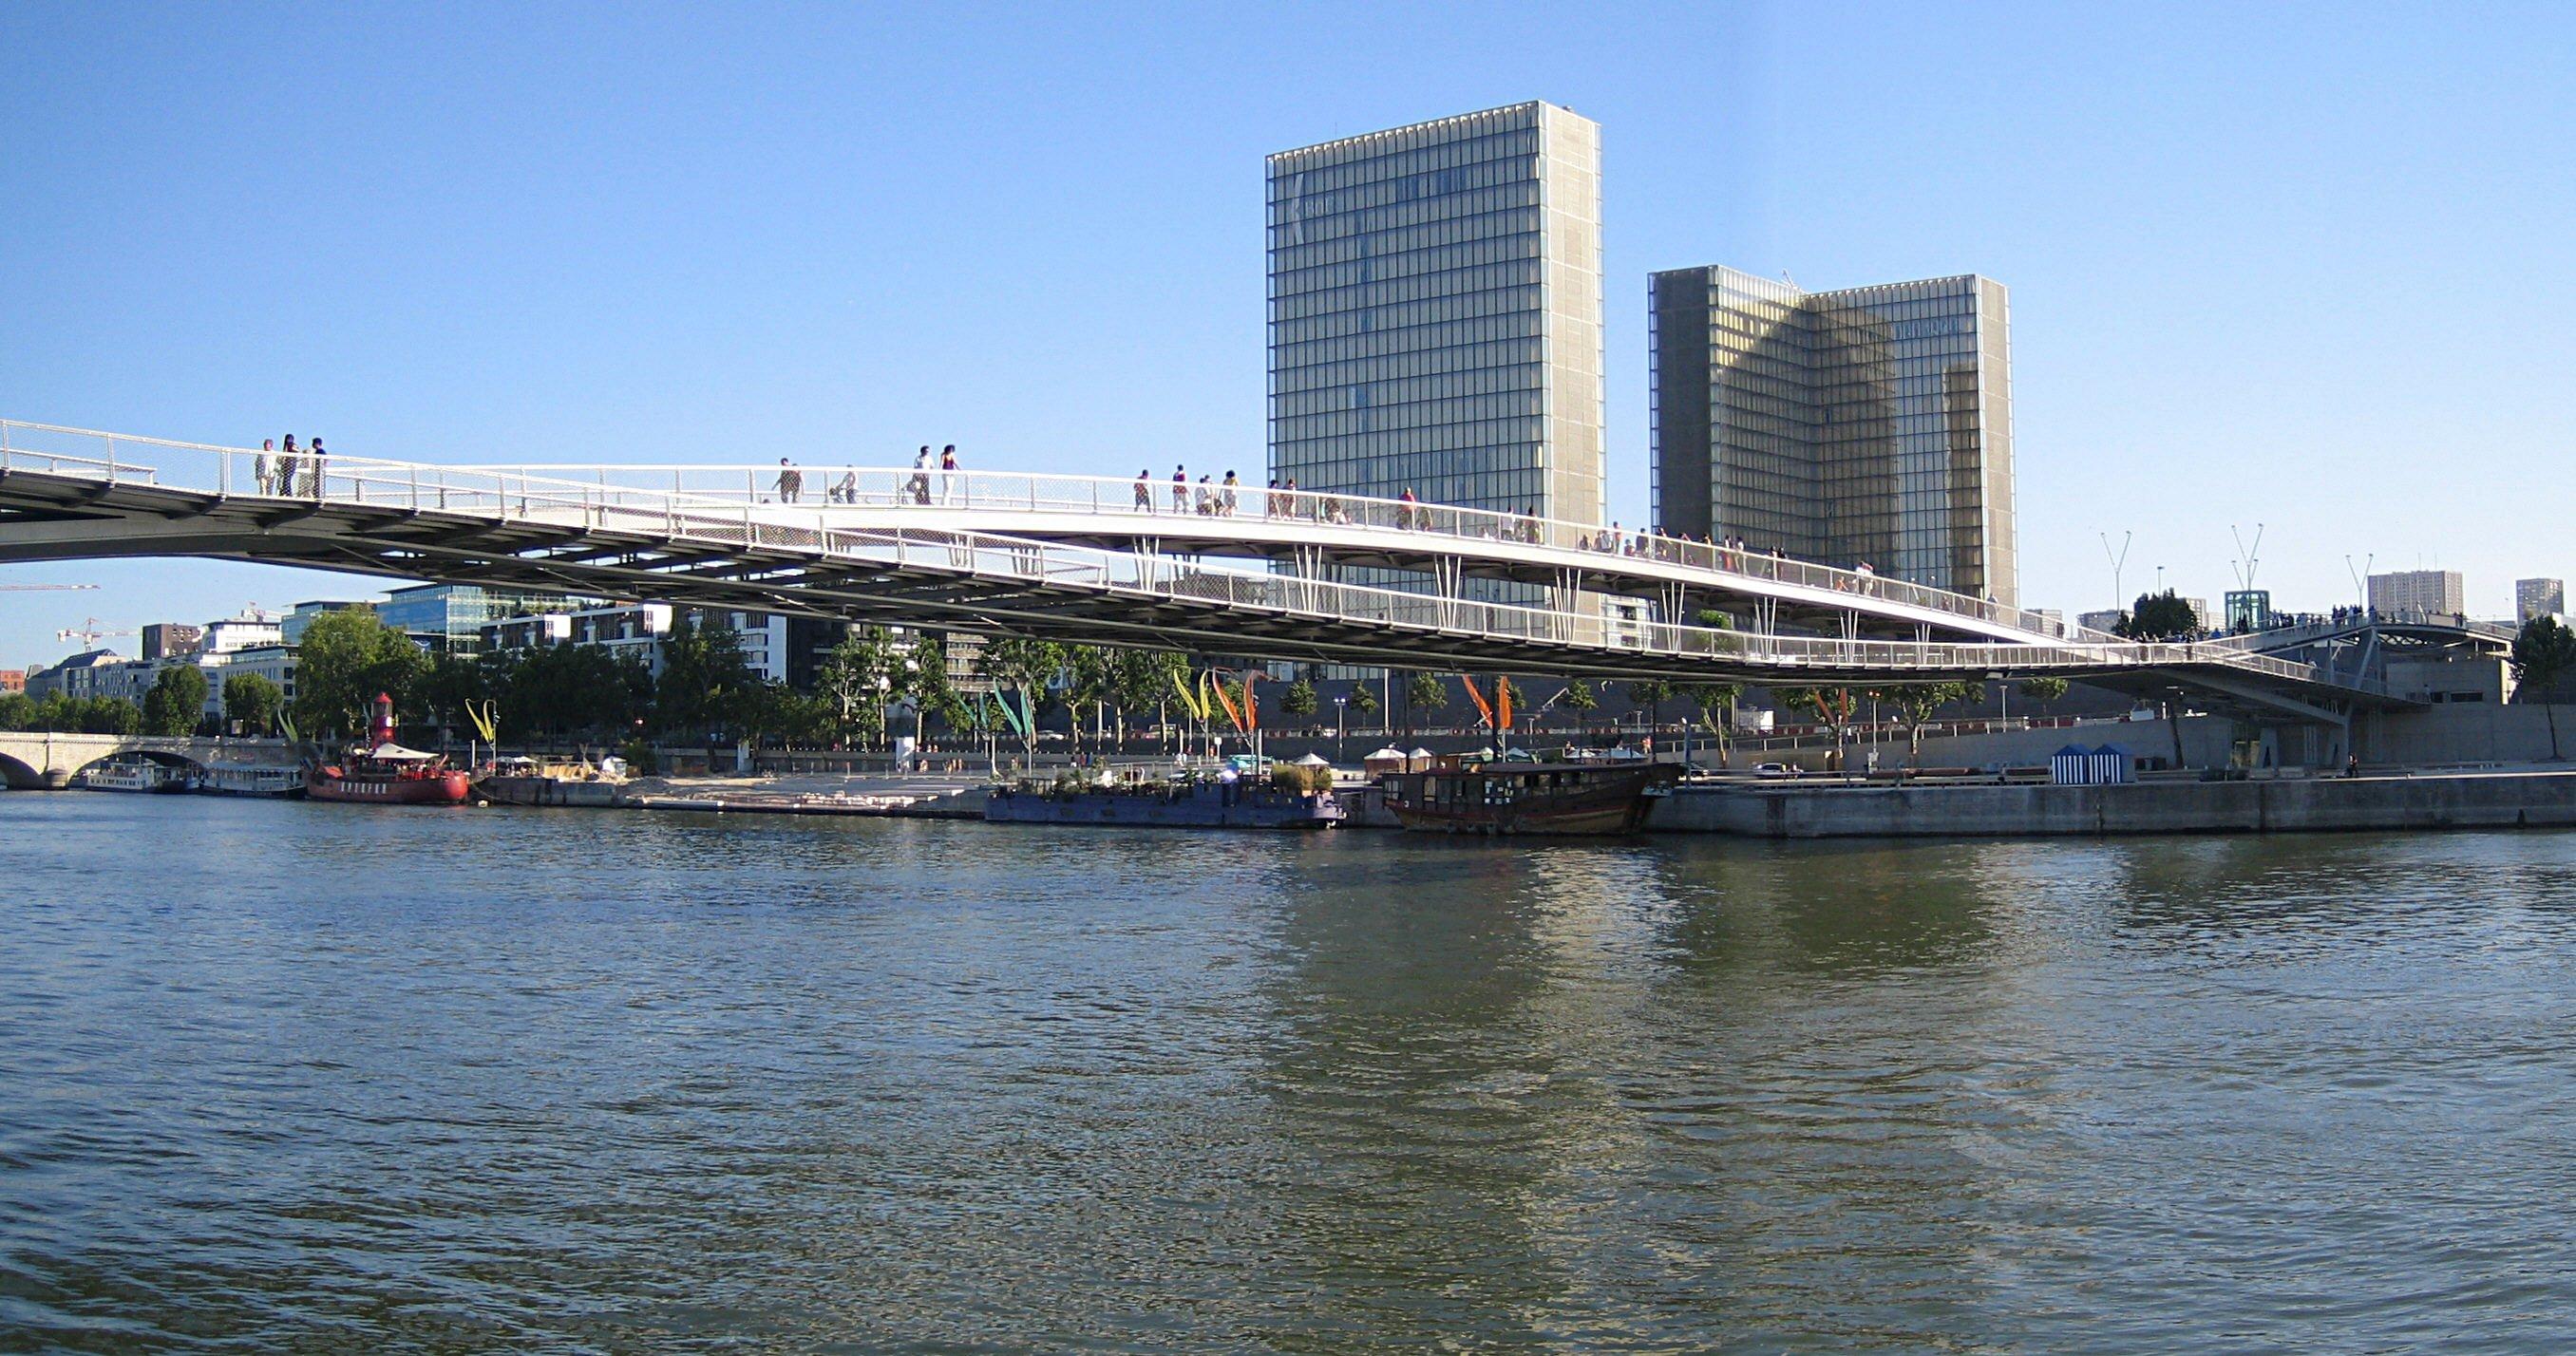 La passerelle Simone-de-Beauvoir, pont des Arts du XXIe sicle